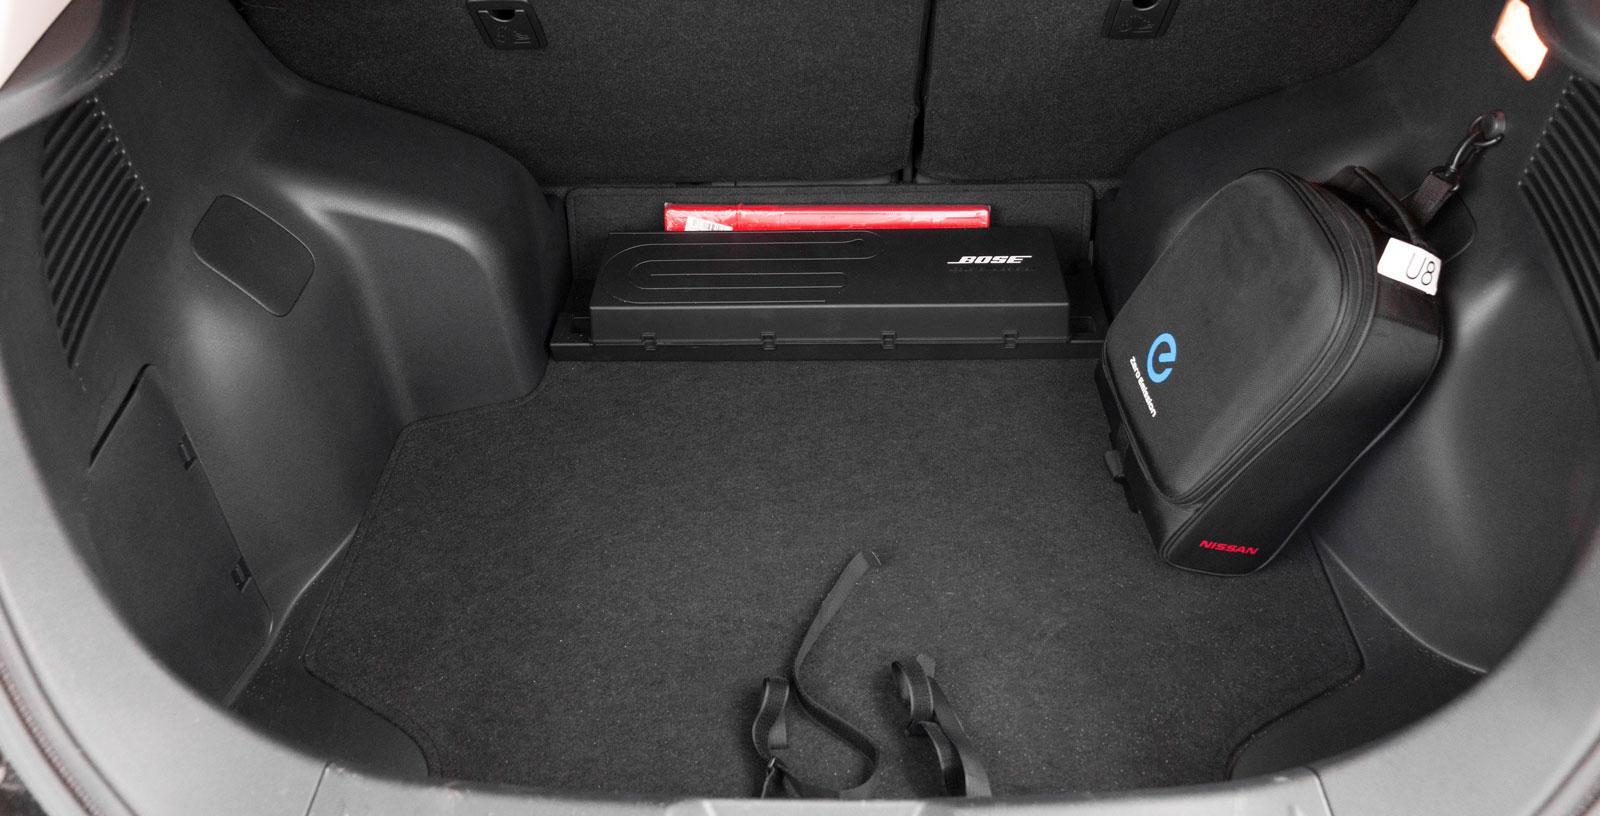 Bashögtalaren mellan hjulhusen och sladdväskan stjäl plats i ett redan svårlastat bagage. Hög och klumpig tröskel (13 cm) vid fällt baksäte imponerar inte heller.